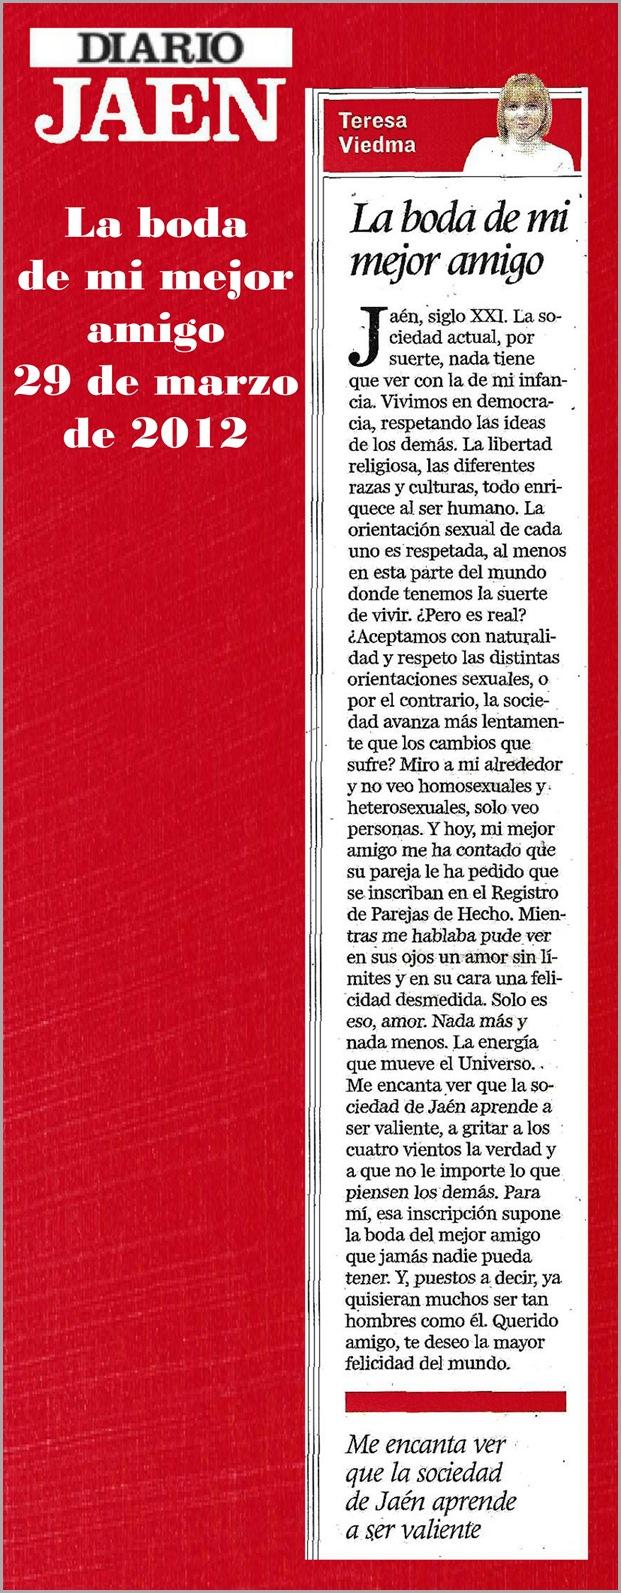 21.- 29 03 2012 LA BODA DE MI MEJOR AMIGO